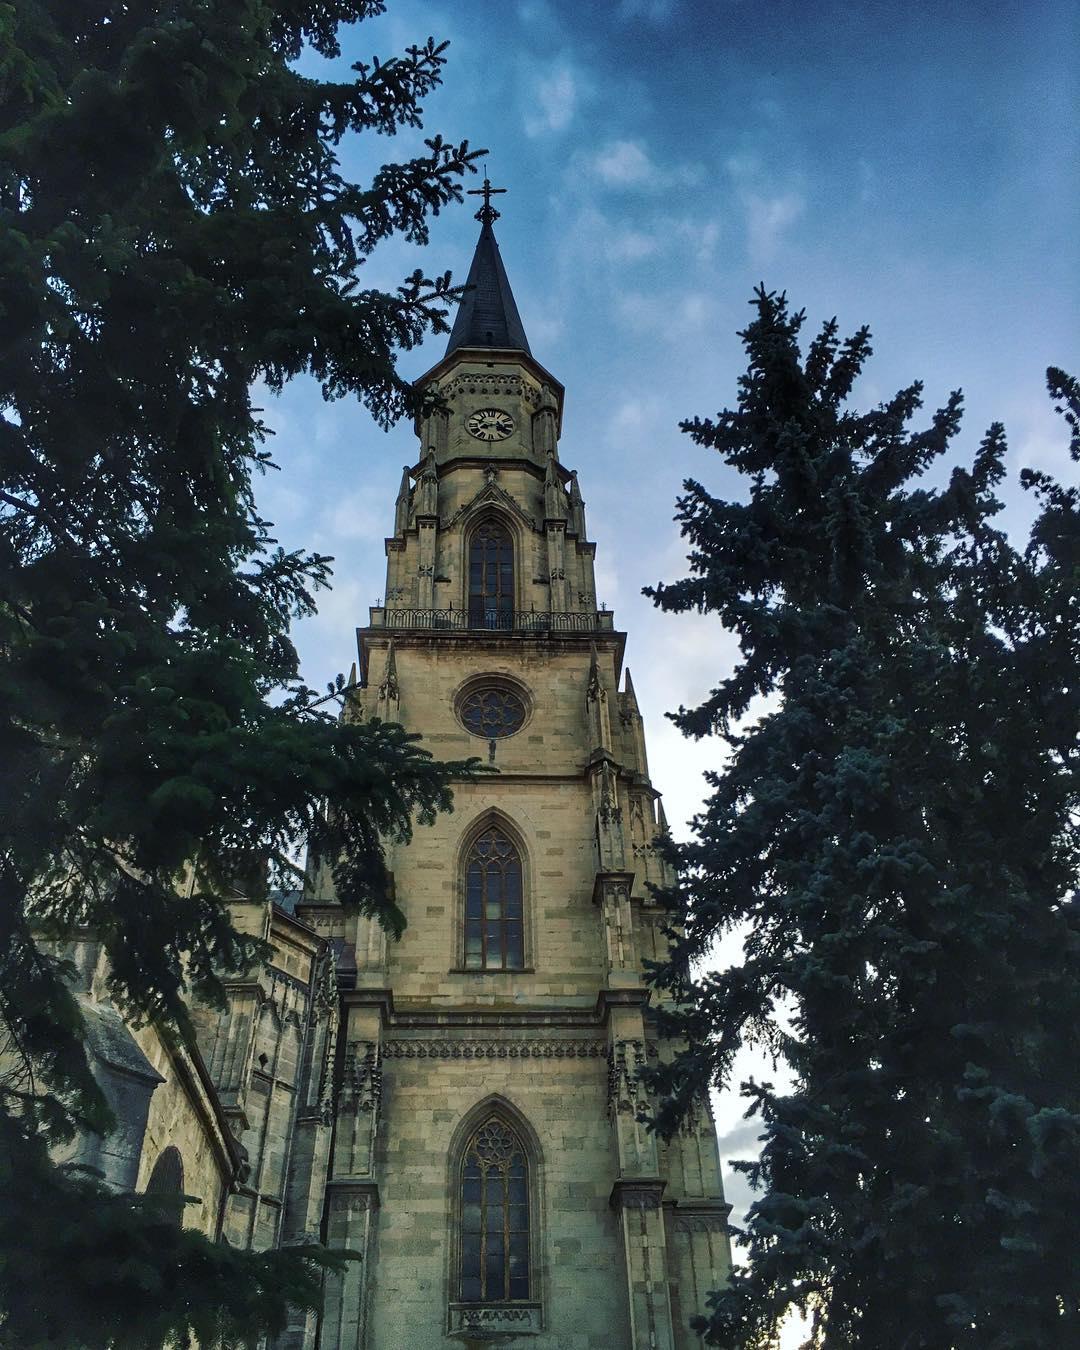 De la gotic la eclectic: dicționarul de arhitectură a orașului Cluj-Napoca